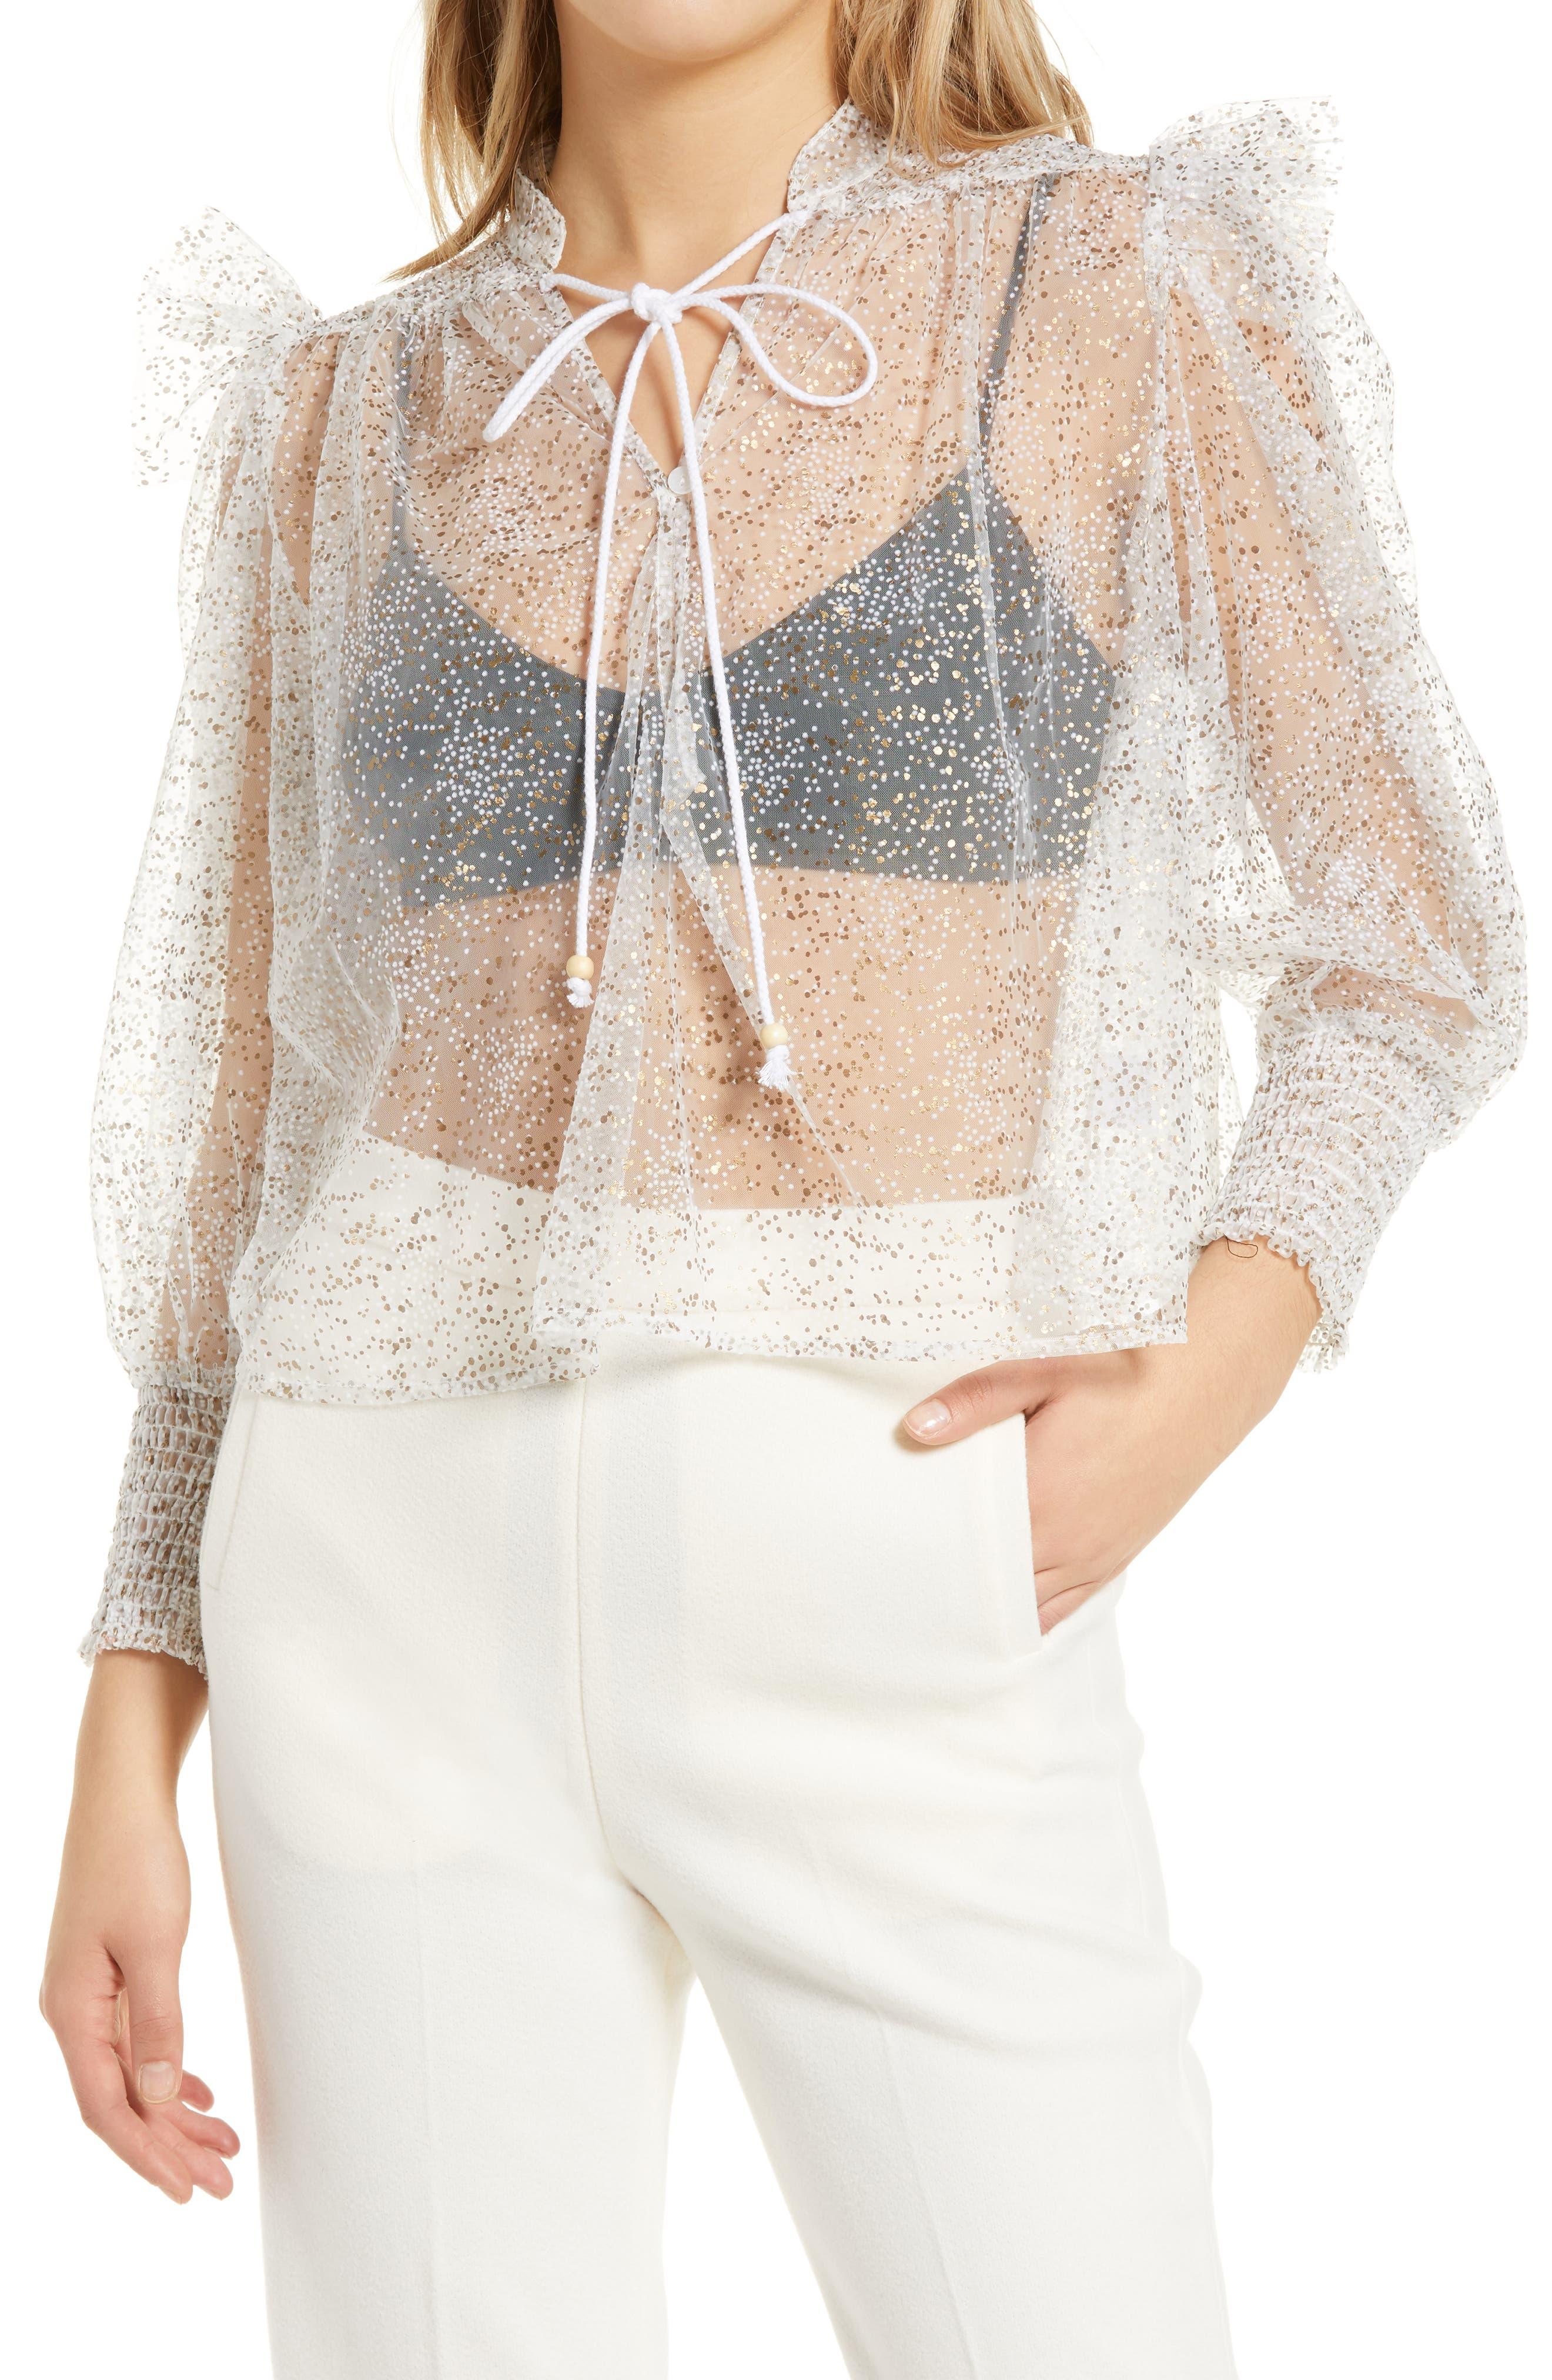 Lavenham Sheer Lace Shirt